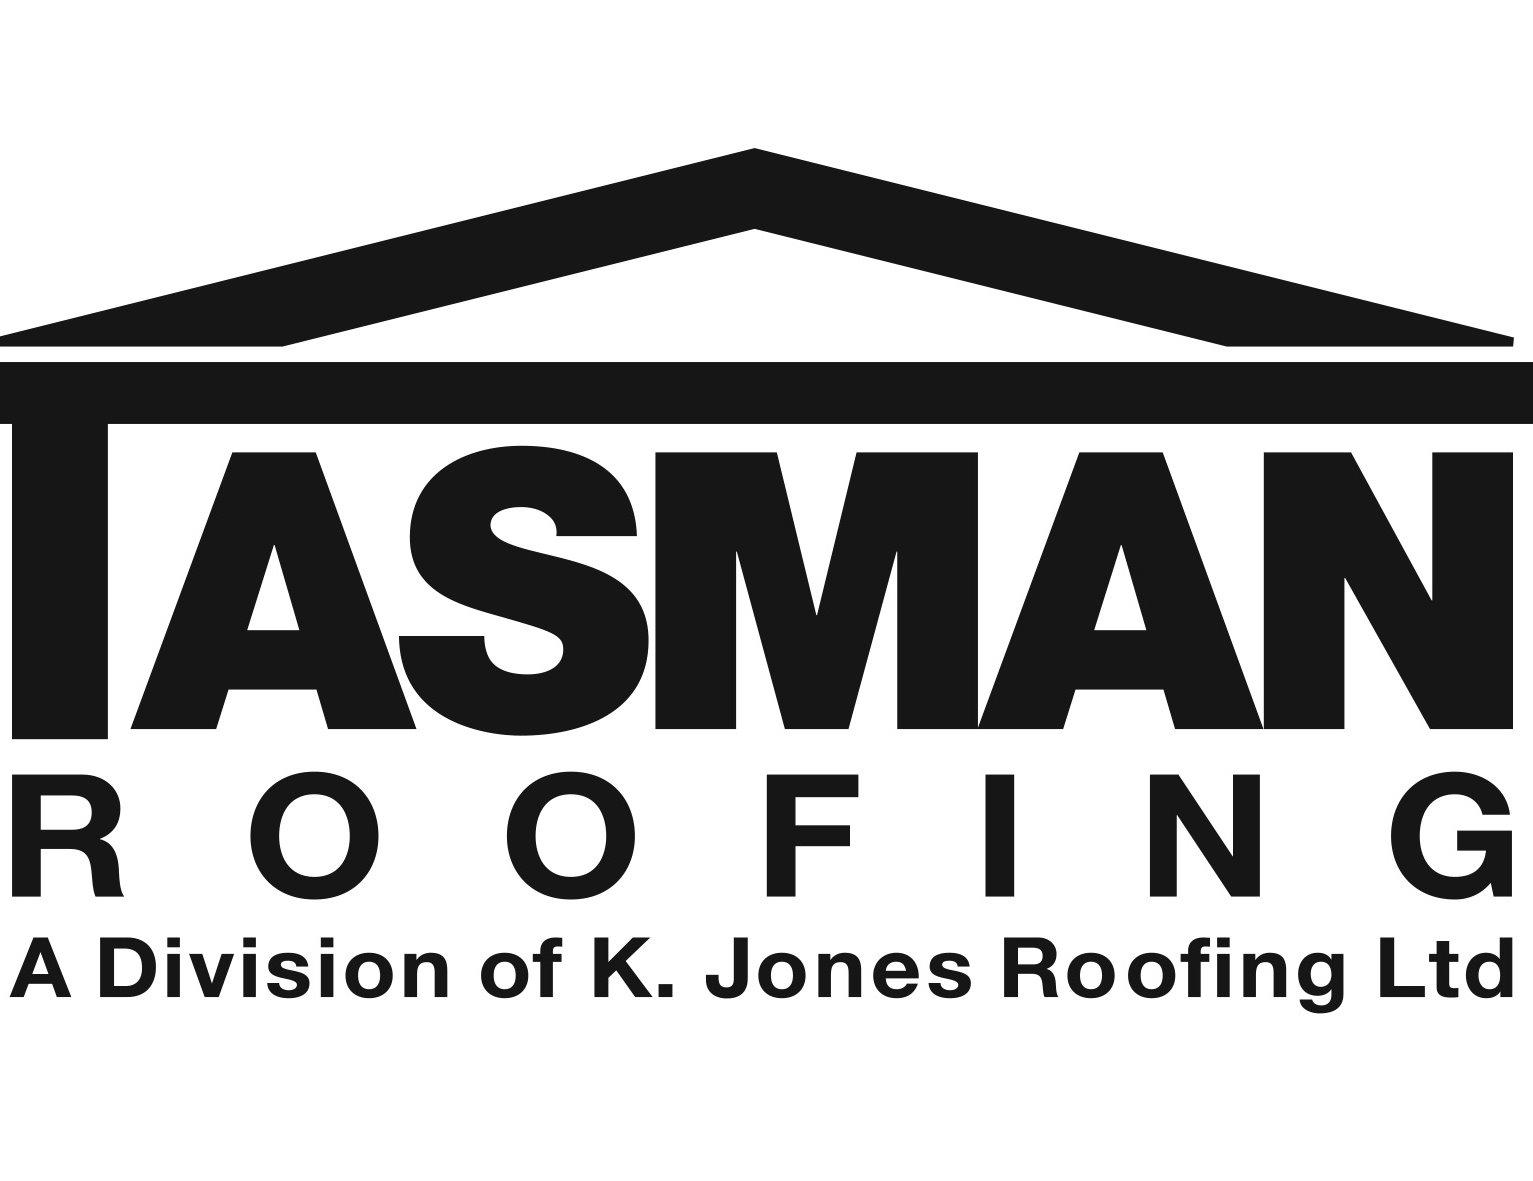 Tasman Roofing